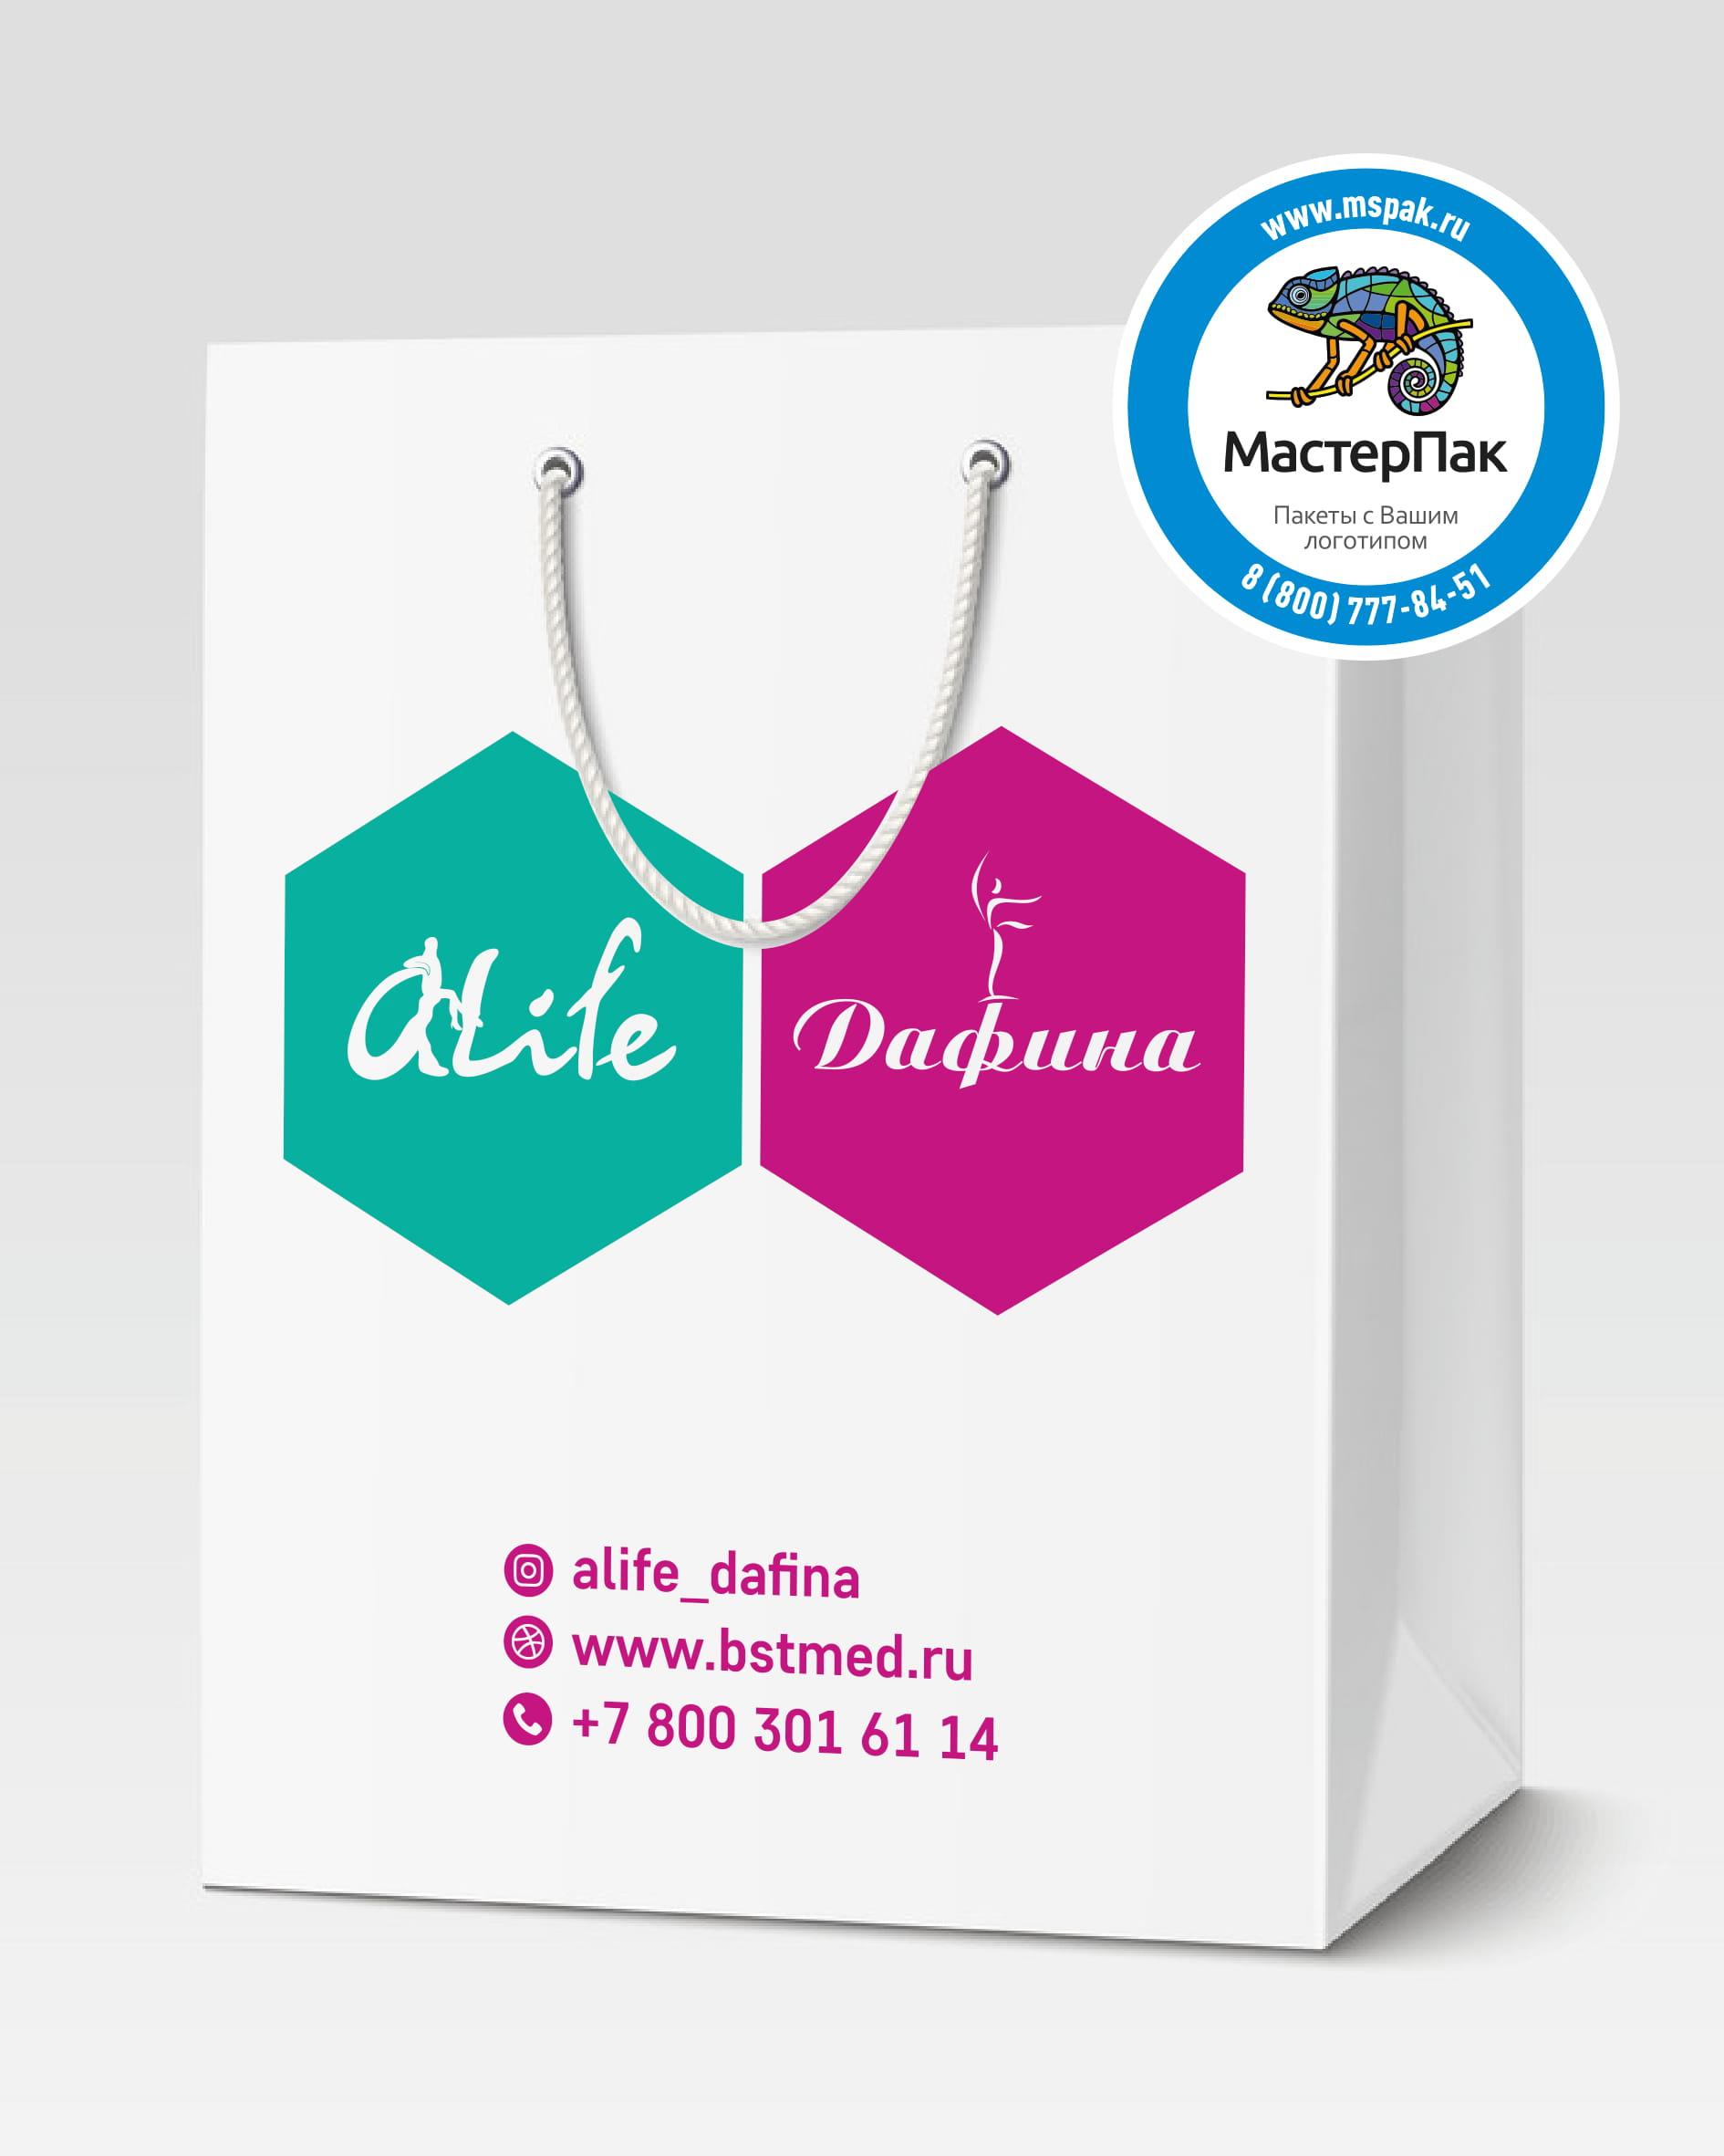 Пакет подарочный, бумажный с логотипом Alife Dafina, Москва, ручки-шнурки